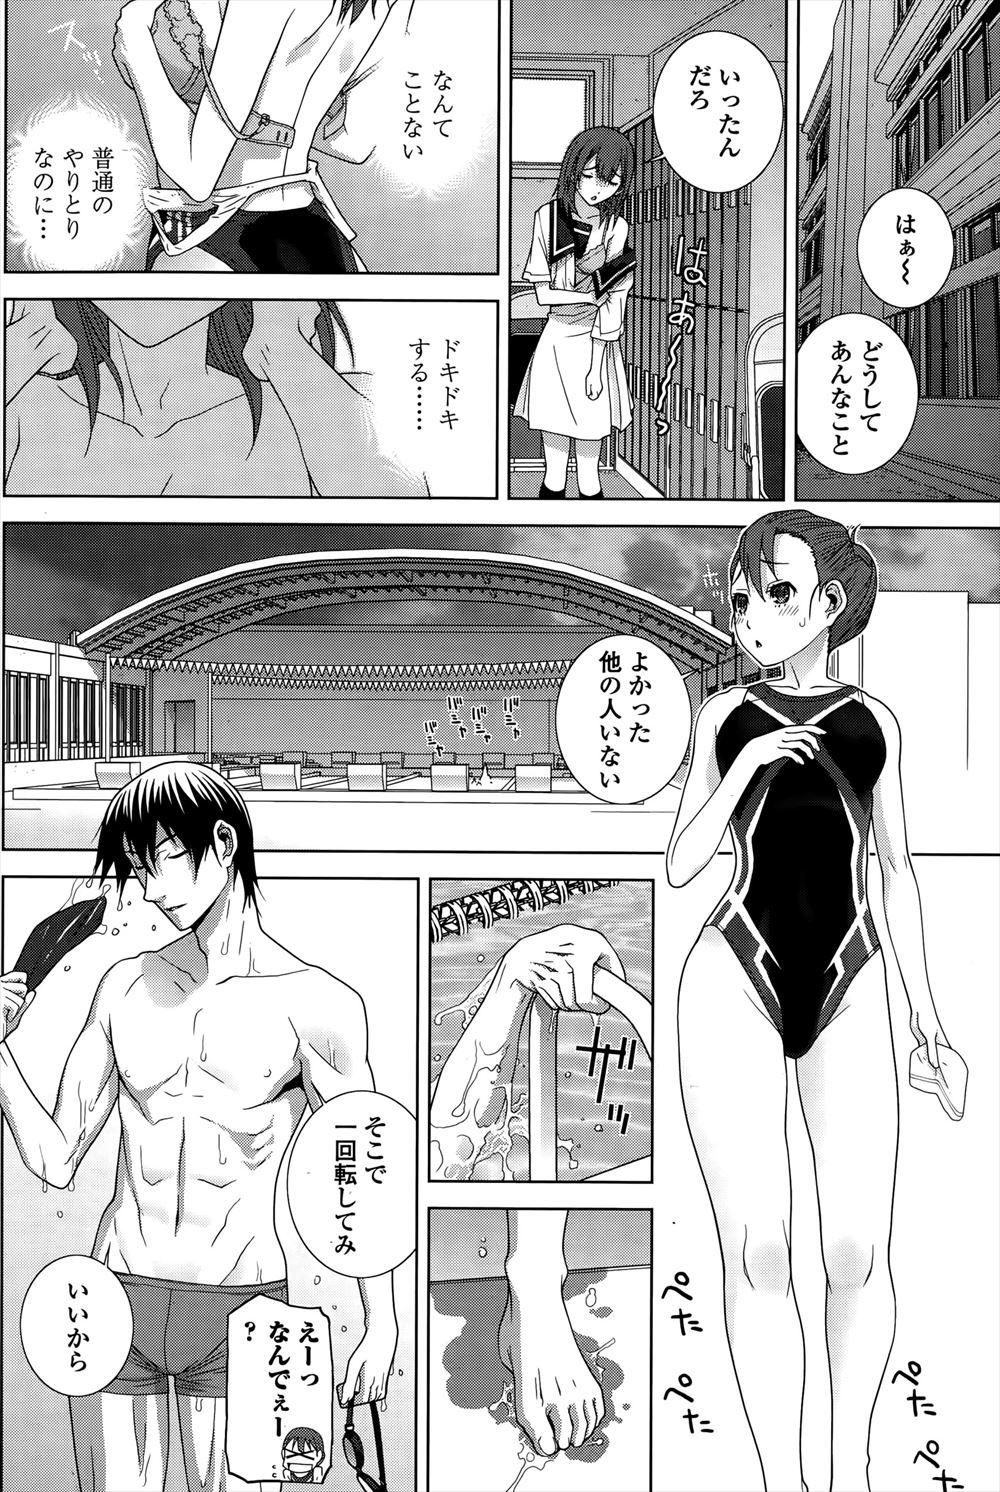 【エロ漫画・エロ同人】イケメンお兄ちゃんがプールで義妹に告ってエッチ始めちゃったwプールの中で中出しセックスってwww (4)